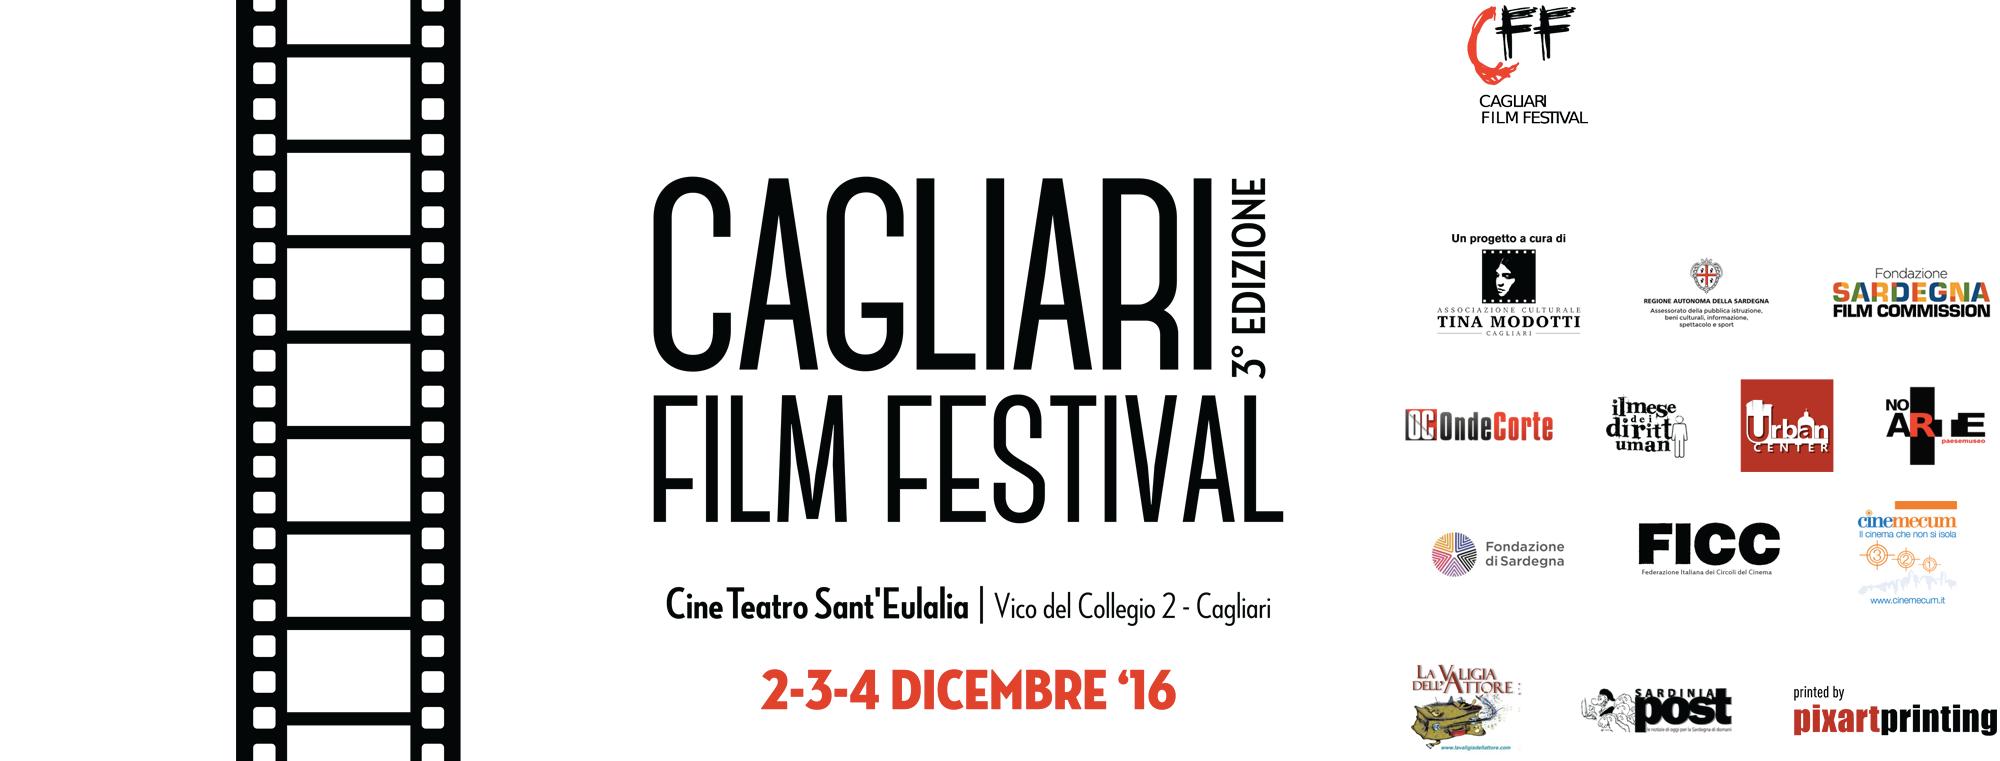 Memorie dello sfollamento al Cagliari Film Festival